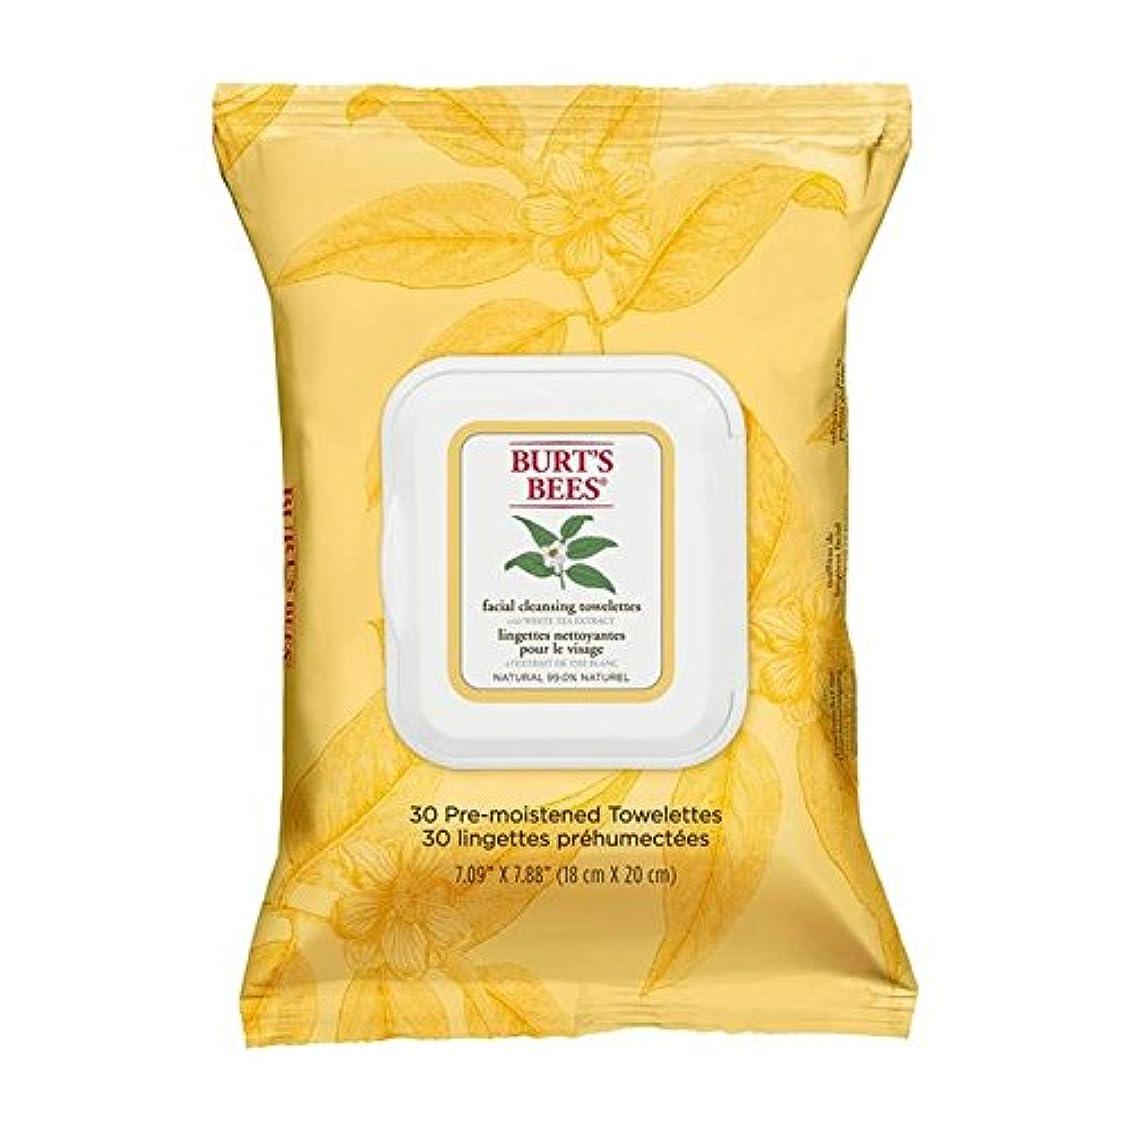 福祉なぞらえる連鎖ホワイトティーエキスとバーツビー洗顔ペーパータオル x2 - Burt's Bees Facial Cleansing Towelettes with White Tea Extract (Pack of 2) [並行輸入品]